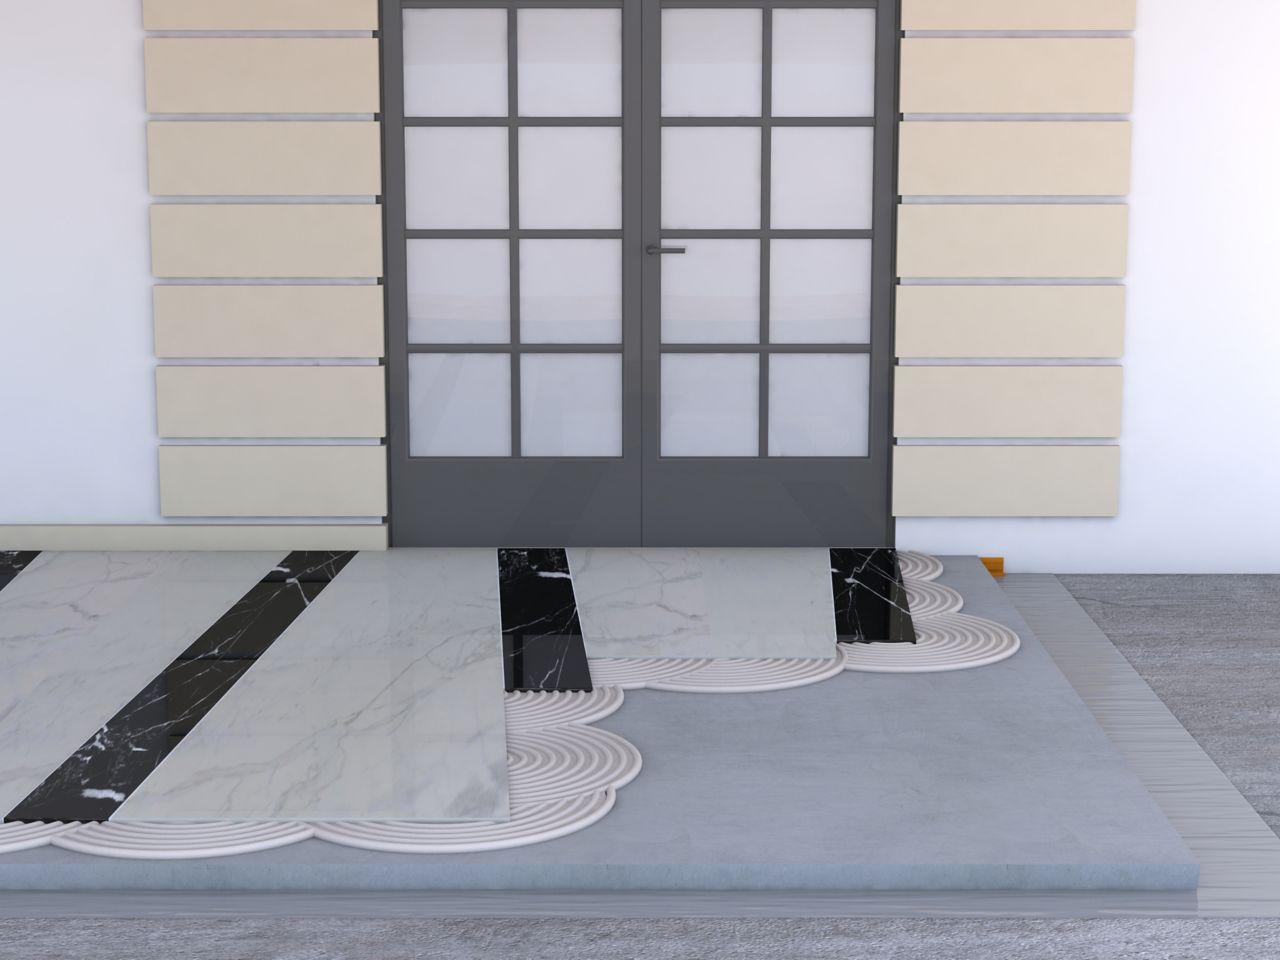 入口阳台的瓷砖设置粘合剂的插图与黑色和白色的大理石瓷砖